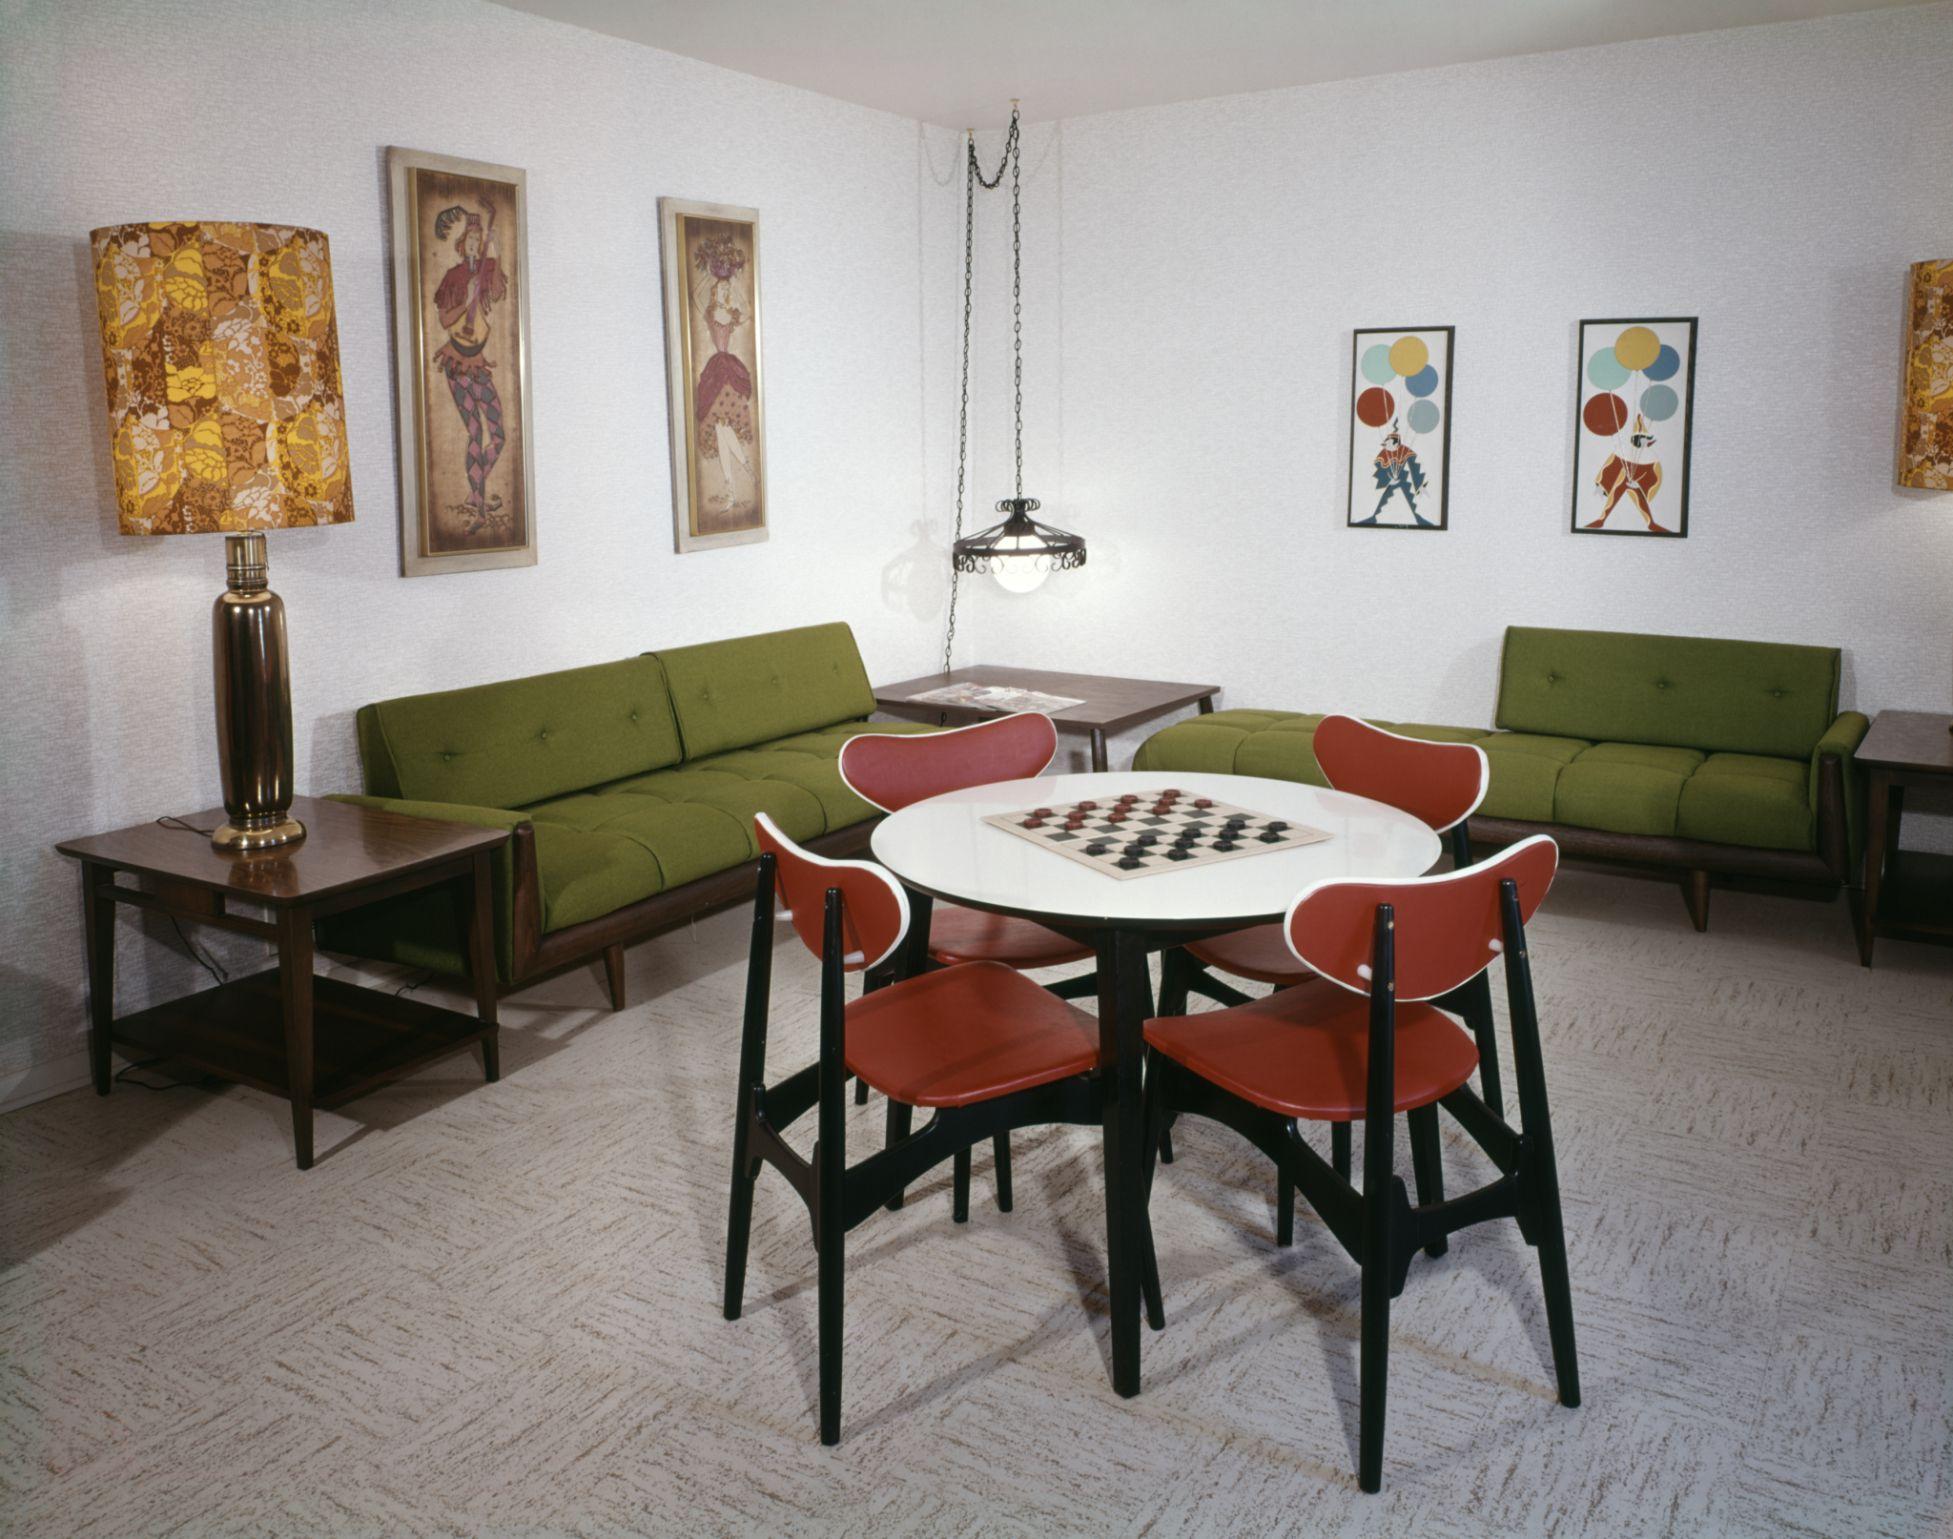 Linoleum Flooring in Living Rooms